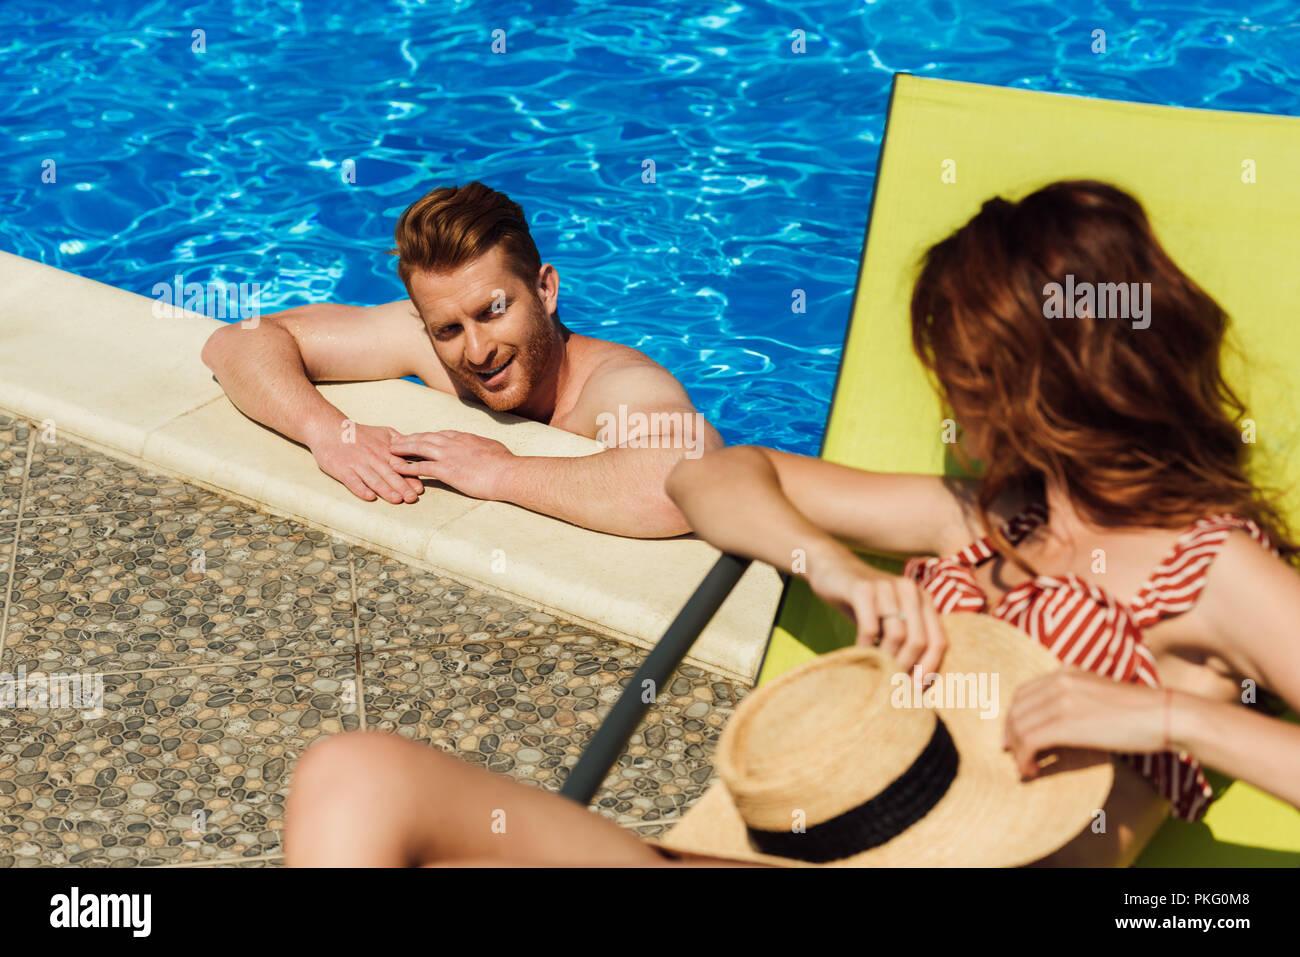 Giovane uomo flirtare con la donna sdraiata sulla sedia a sdraio mentre nuoto in piscina Immagini Stock